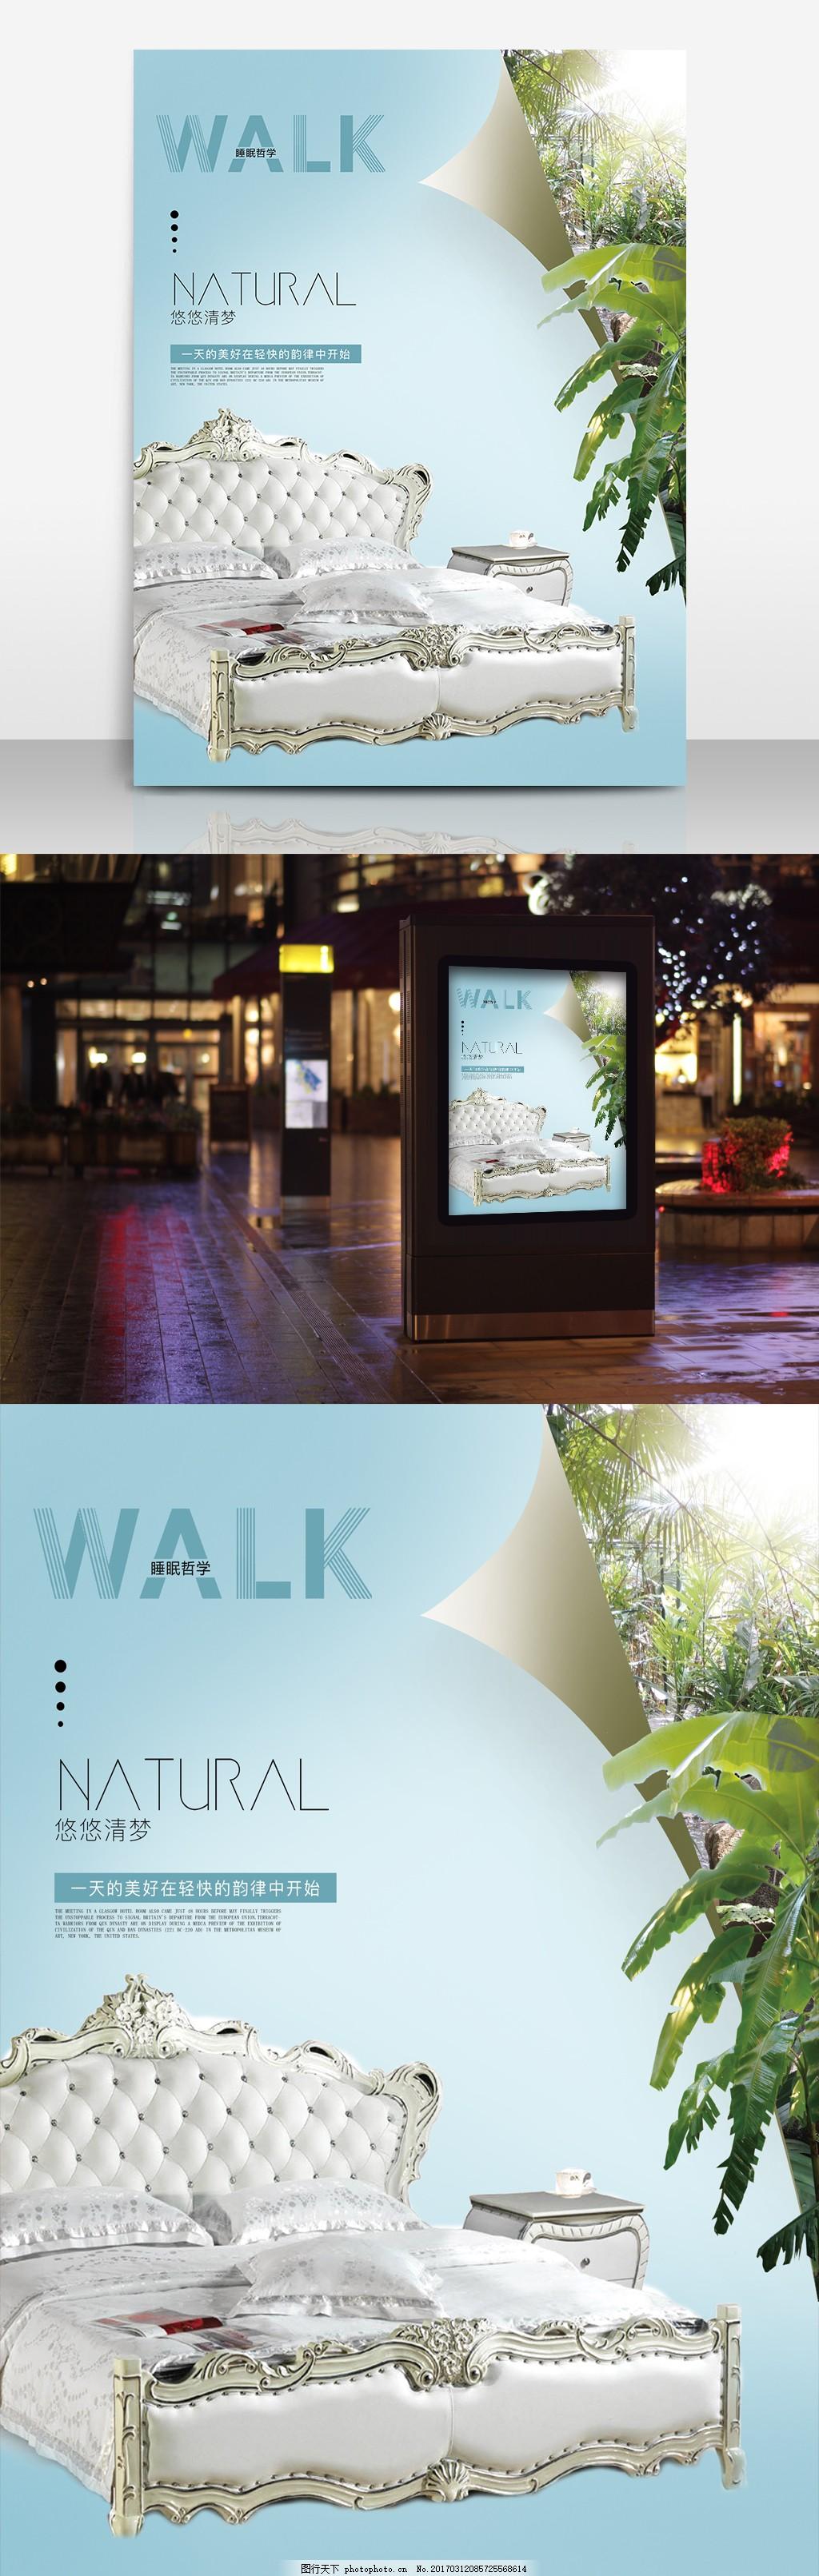 家具海报设计 创意合成 家具海报 创意合成 森林系 版式设计 艺术字体